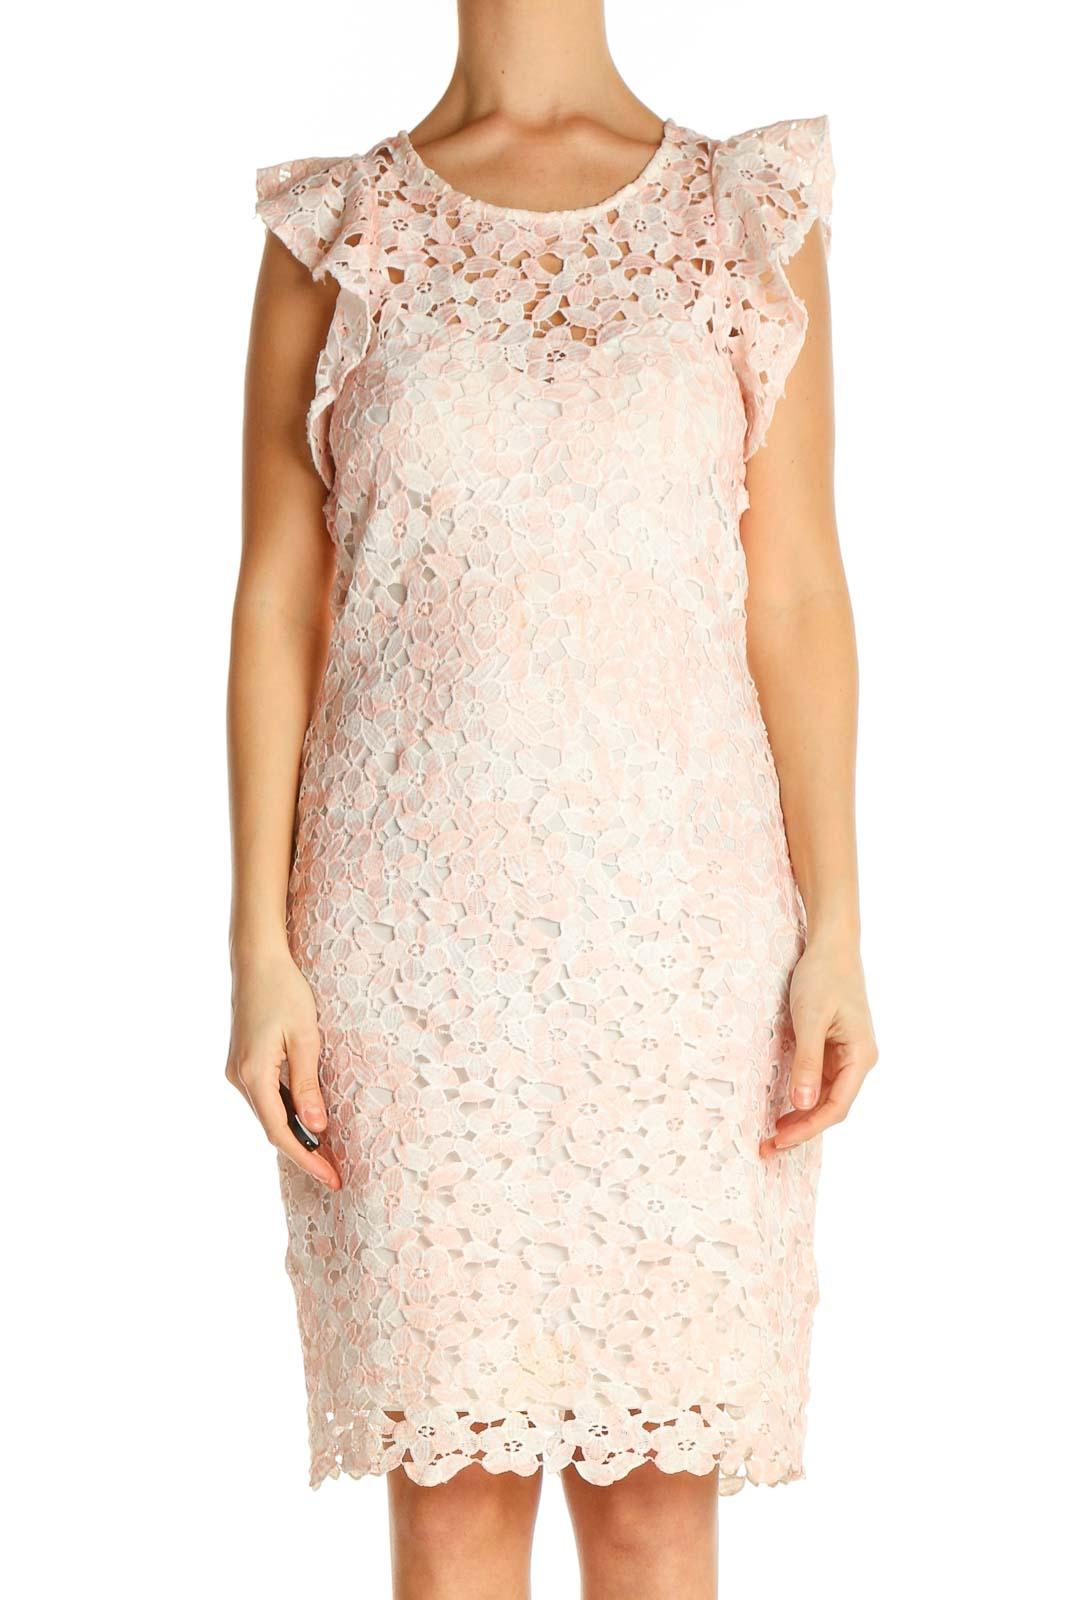 Pink Lace Sheath Dress Front